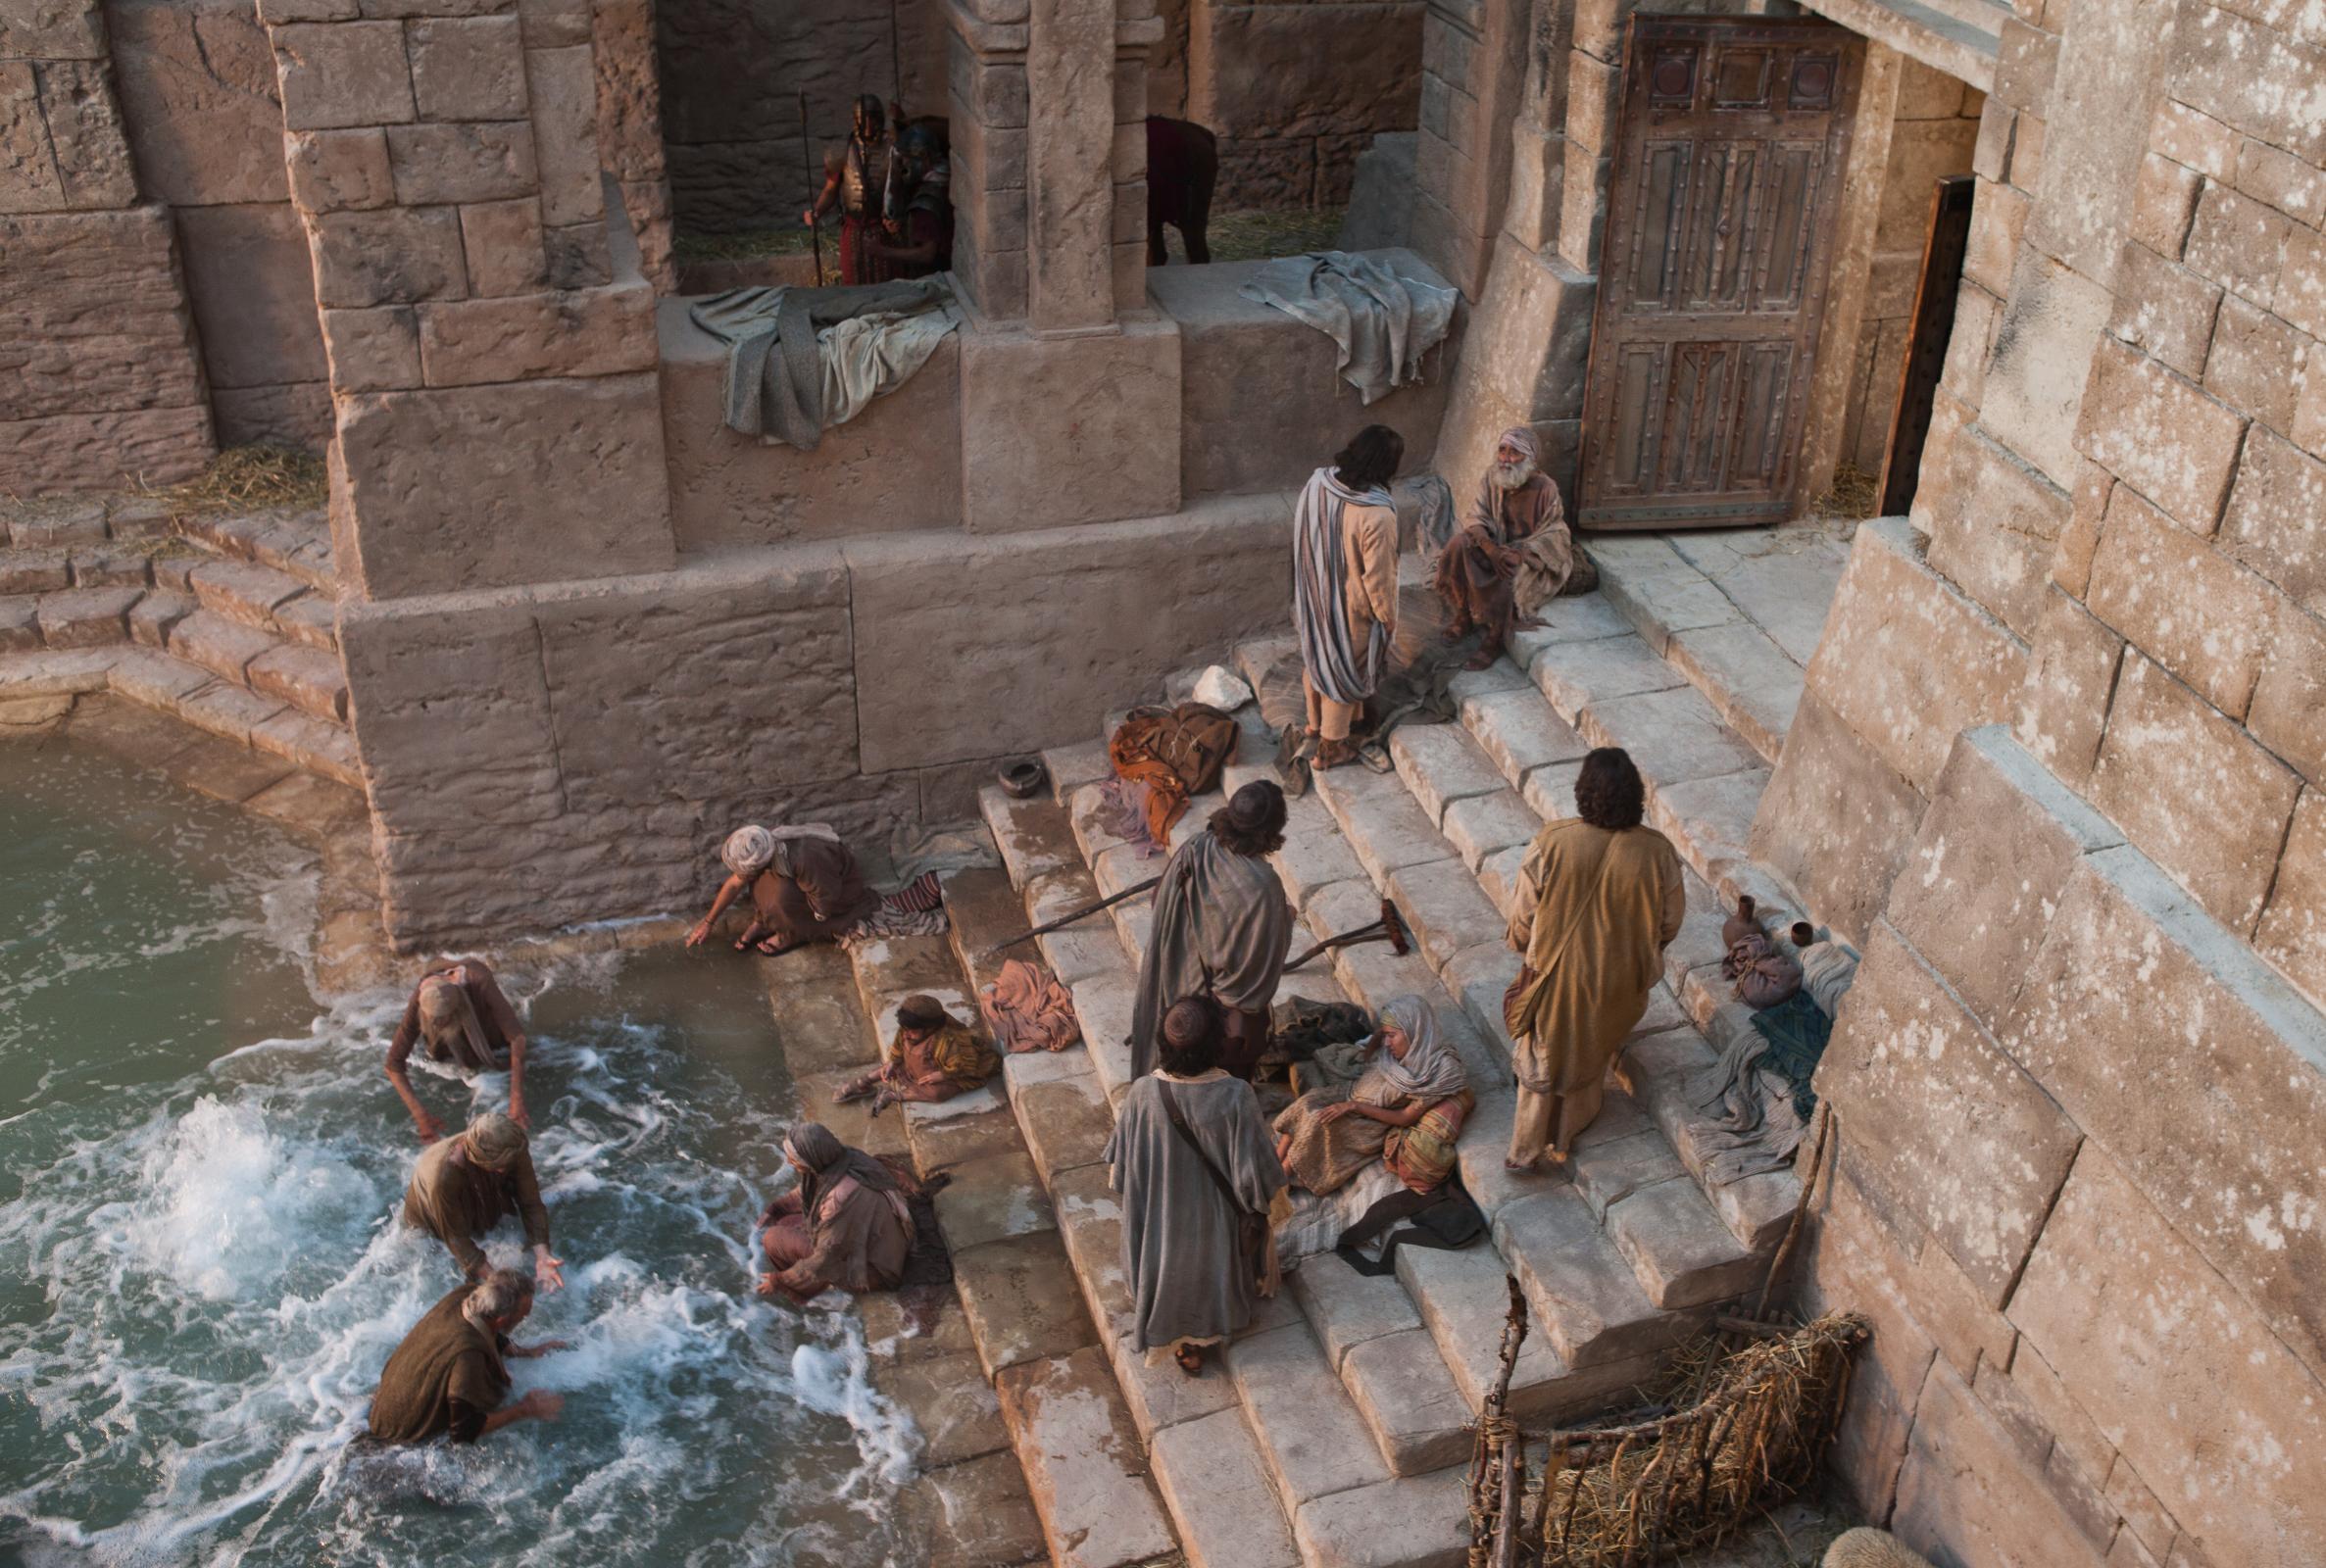 jesus cura um homem coxo no dia do senhor jesus cura um homem coxo